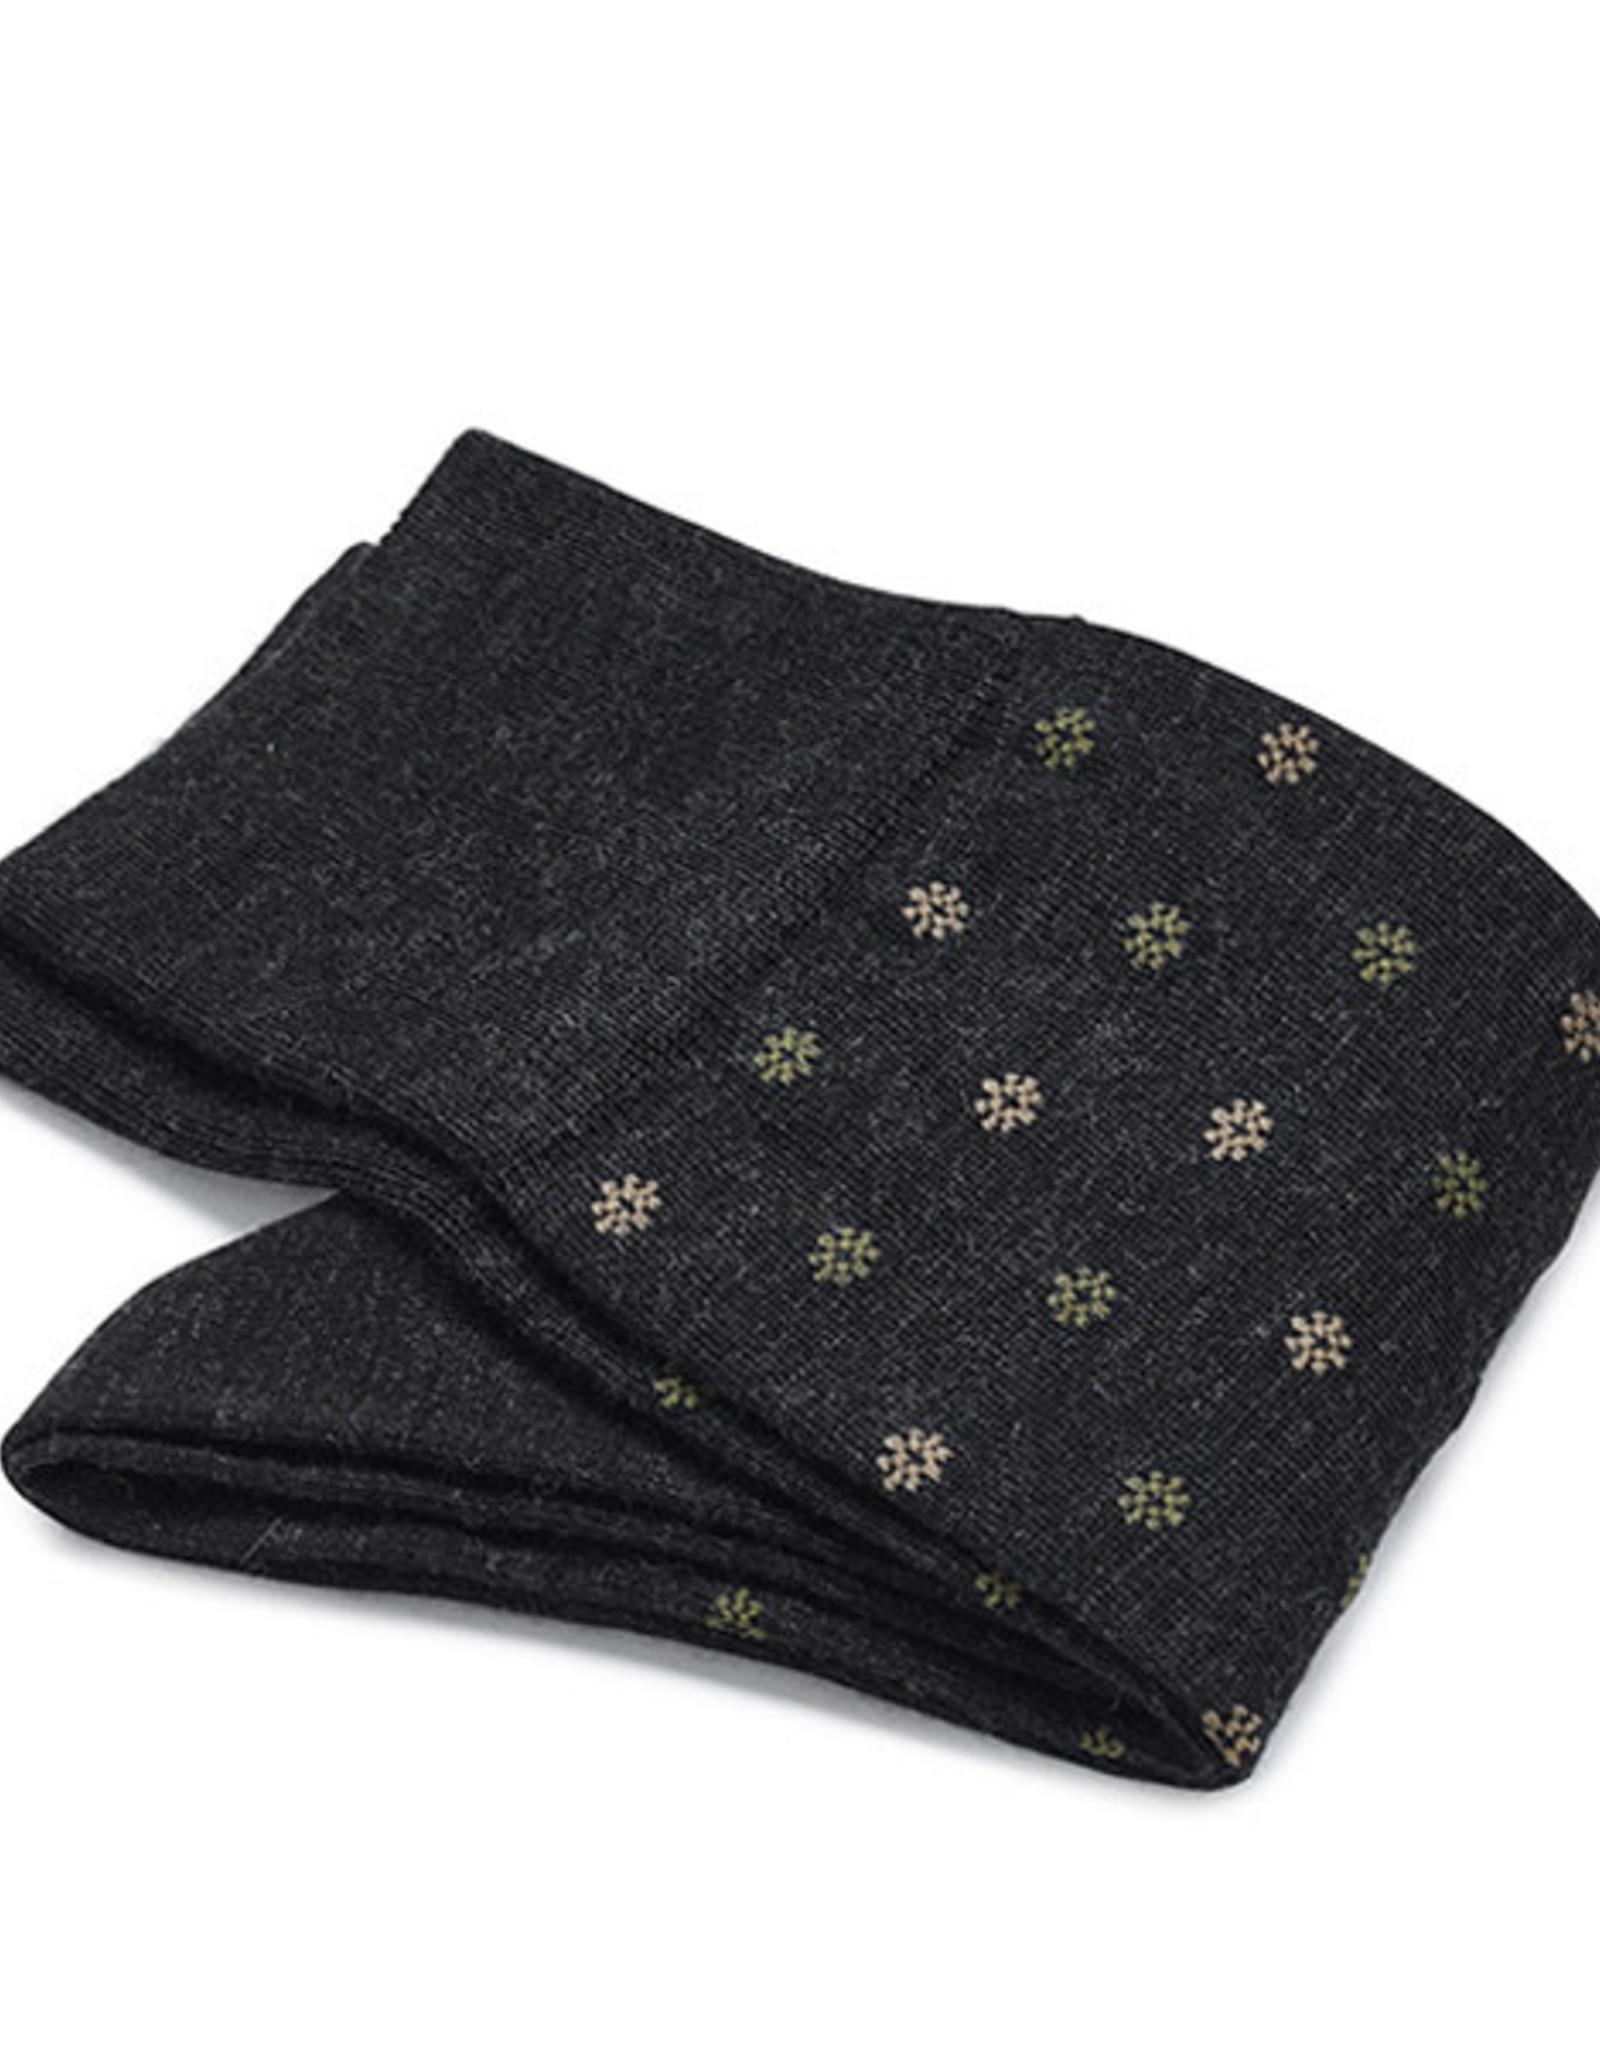 Carlo Lanza korte sokken wol antraciet fiore